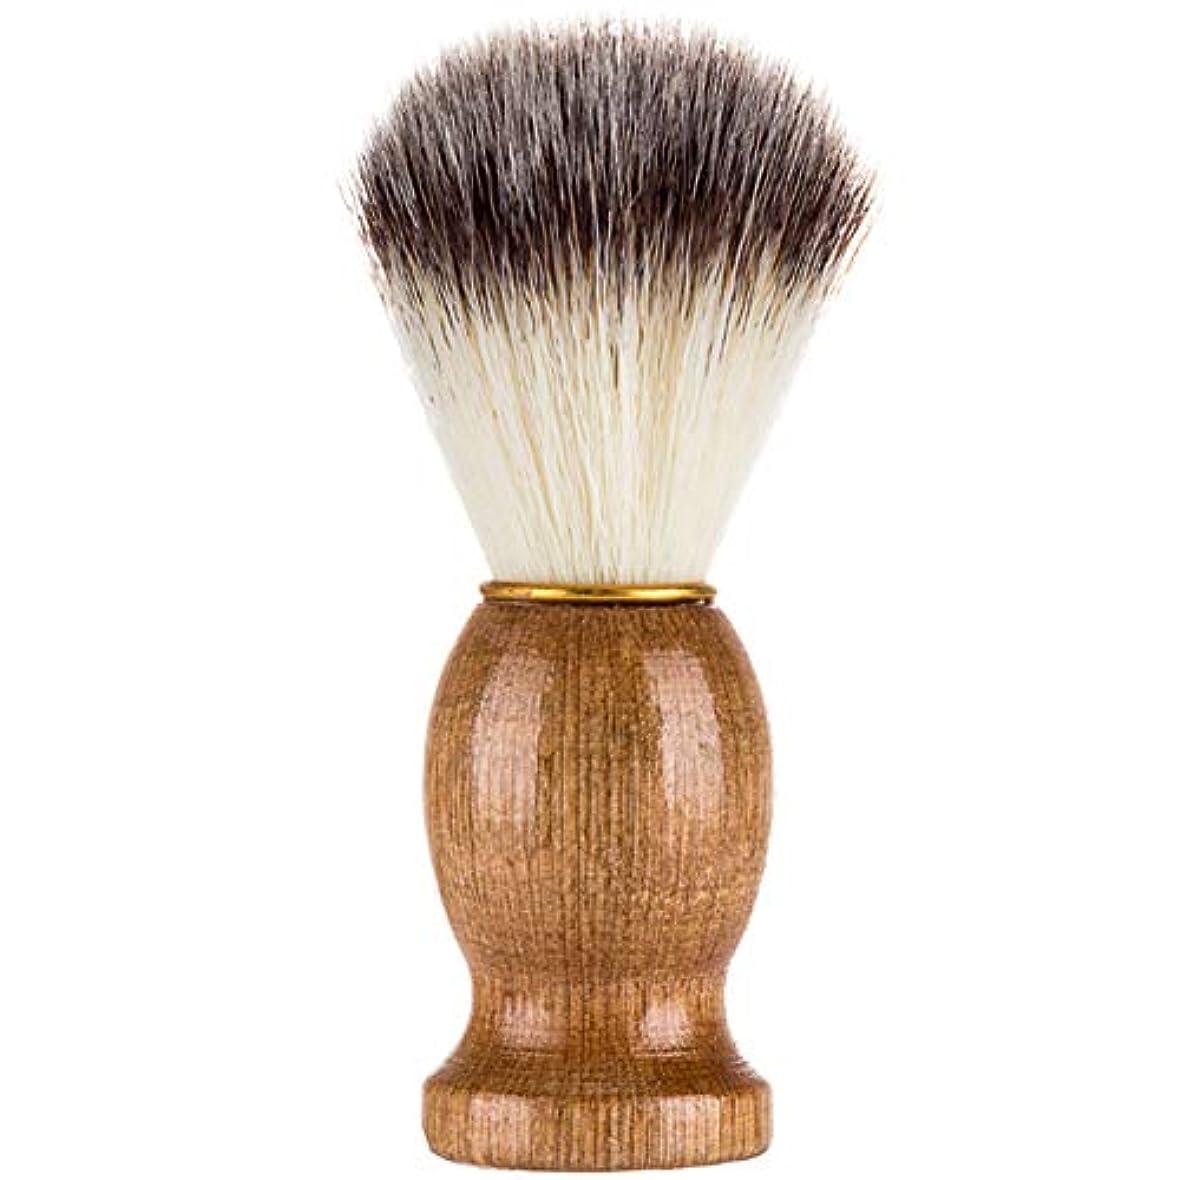 交換可能シャックル連続的Tenflyer シェービングブラシ、シェービングブラシ、男性シェービングブラシシェービングかみそりブラシサロン理髪店用ツールひげ剃り用品